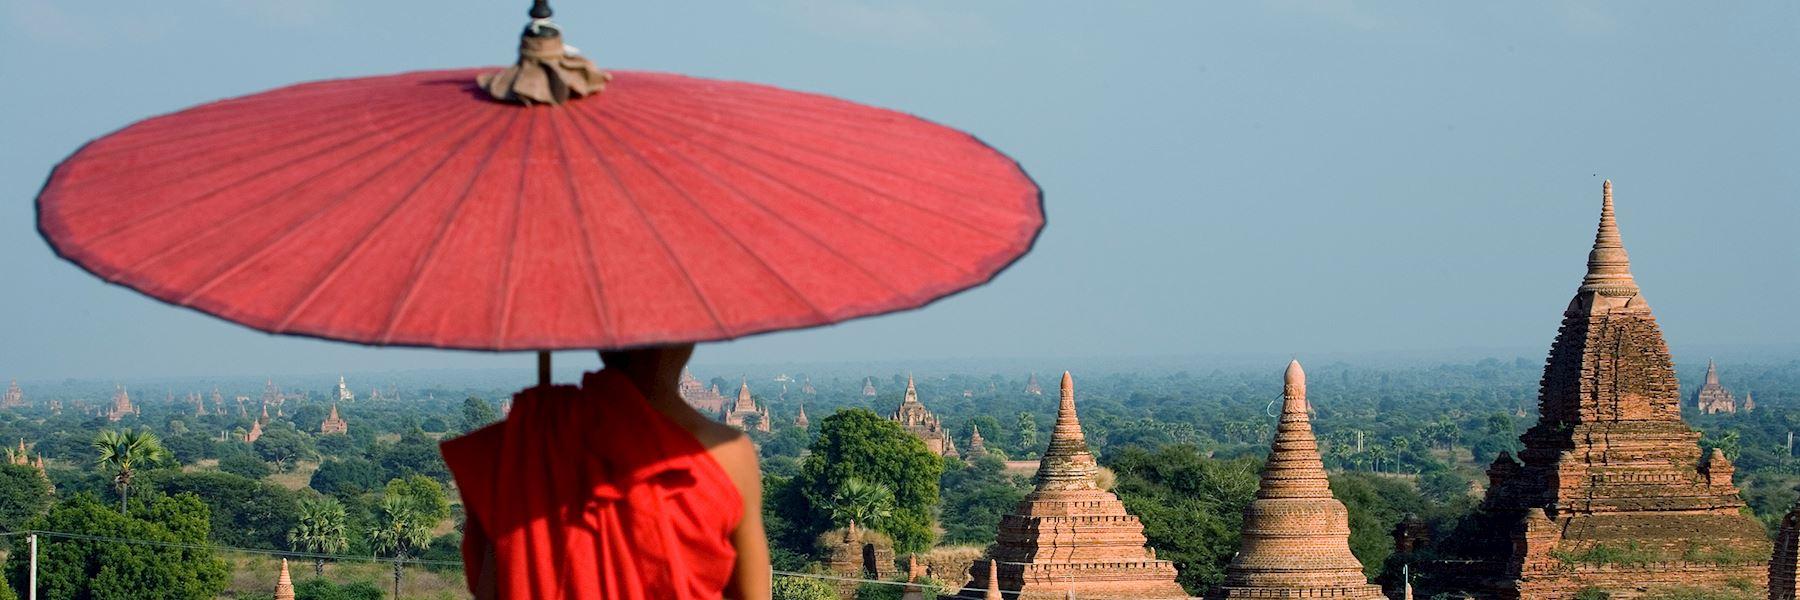 Burma (Myanmar) travel advice